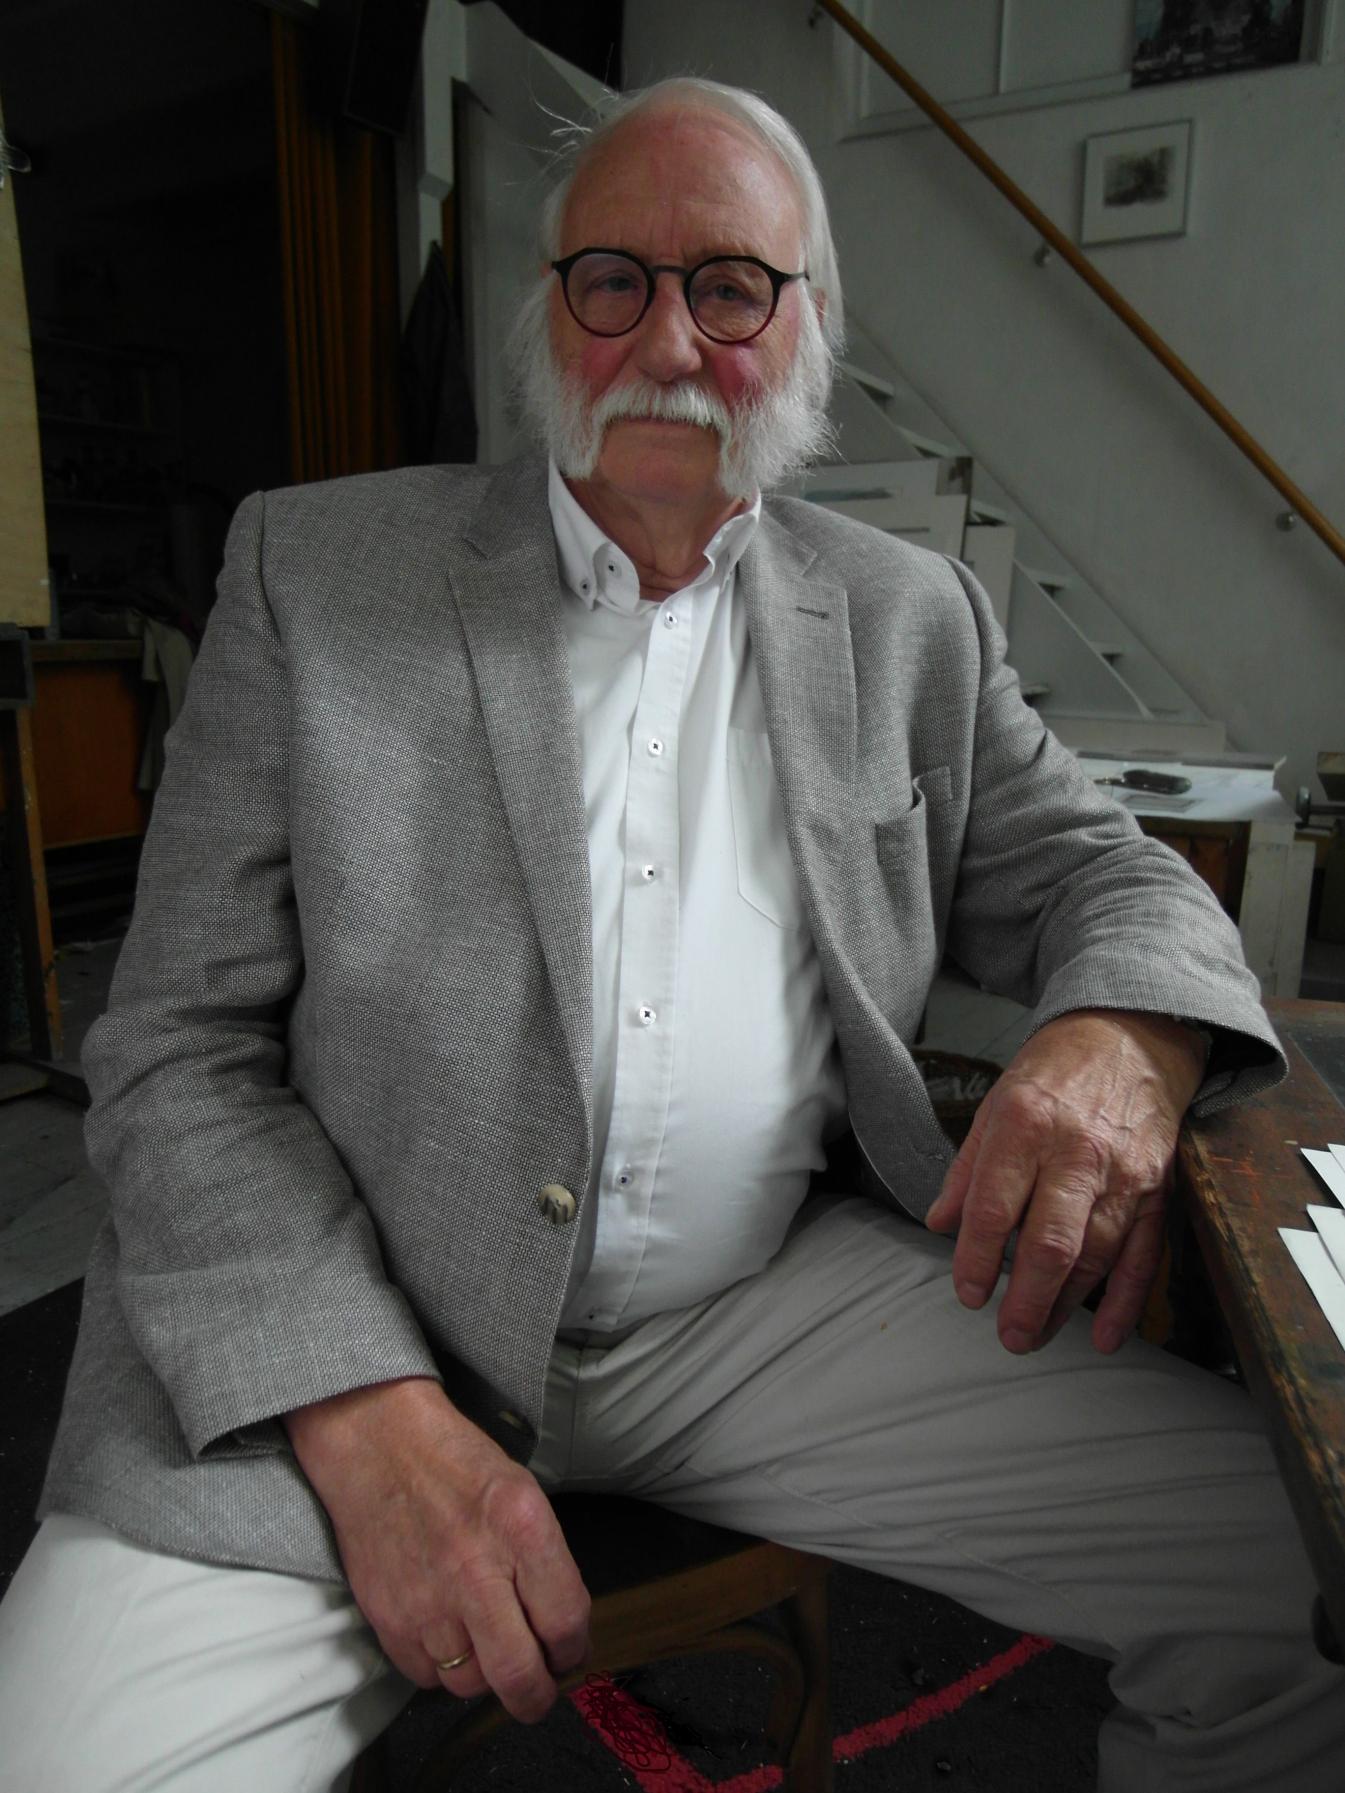 Portret Jana Wagnera. Starszy mężczyzna z siwymi włosami oraz brodą. Ubrany w szarą marynarkę i spodnie oraz białą koszulę. Siedzi na krześle w swoim mieszkaniu.